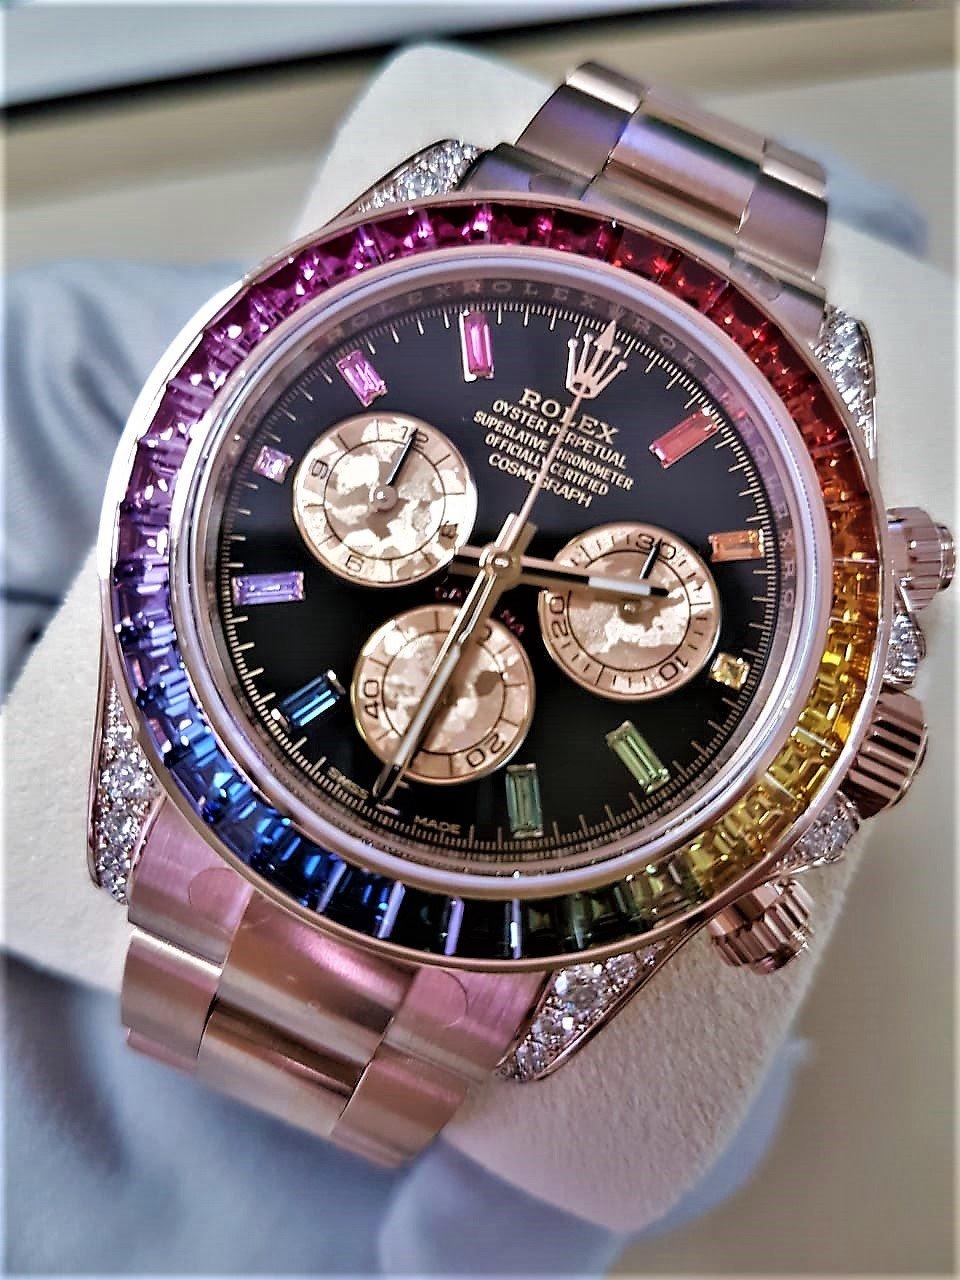 Rolex datejust 36mm  материал корпуса розовое золото.